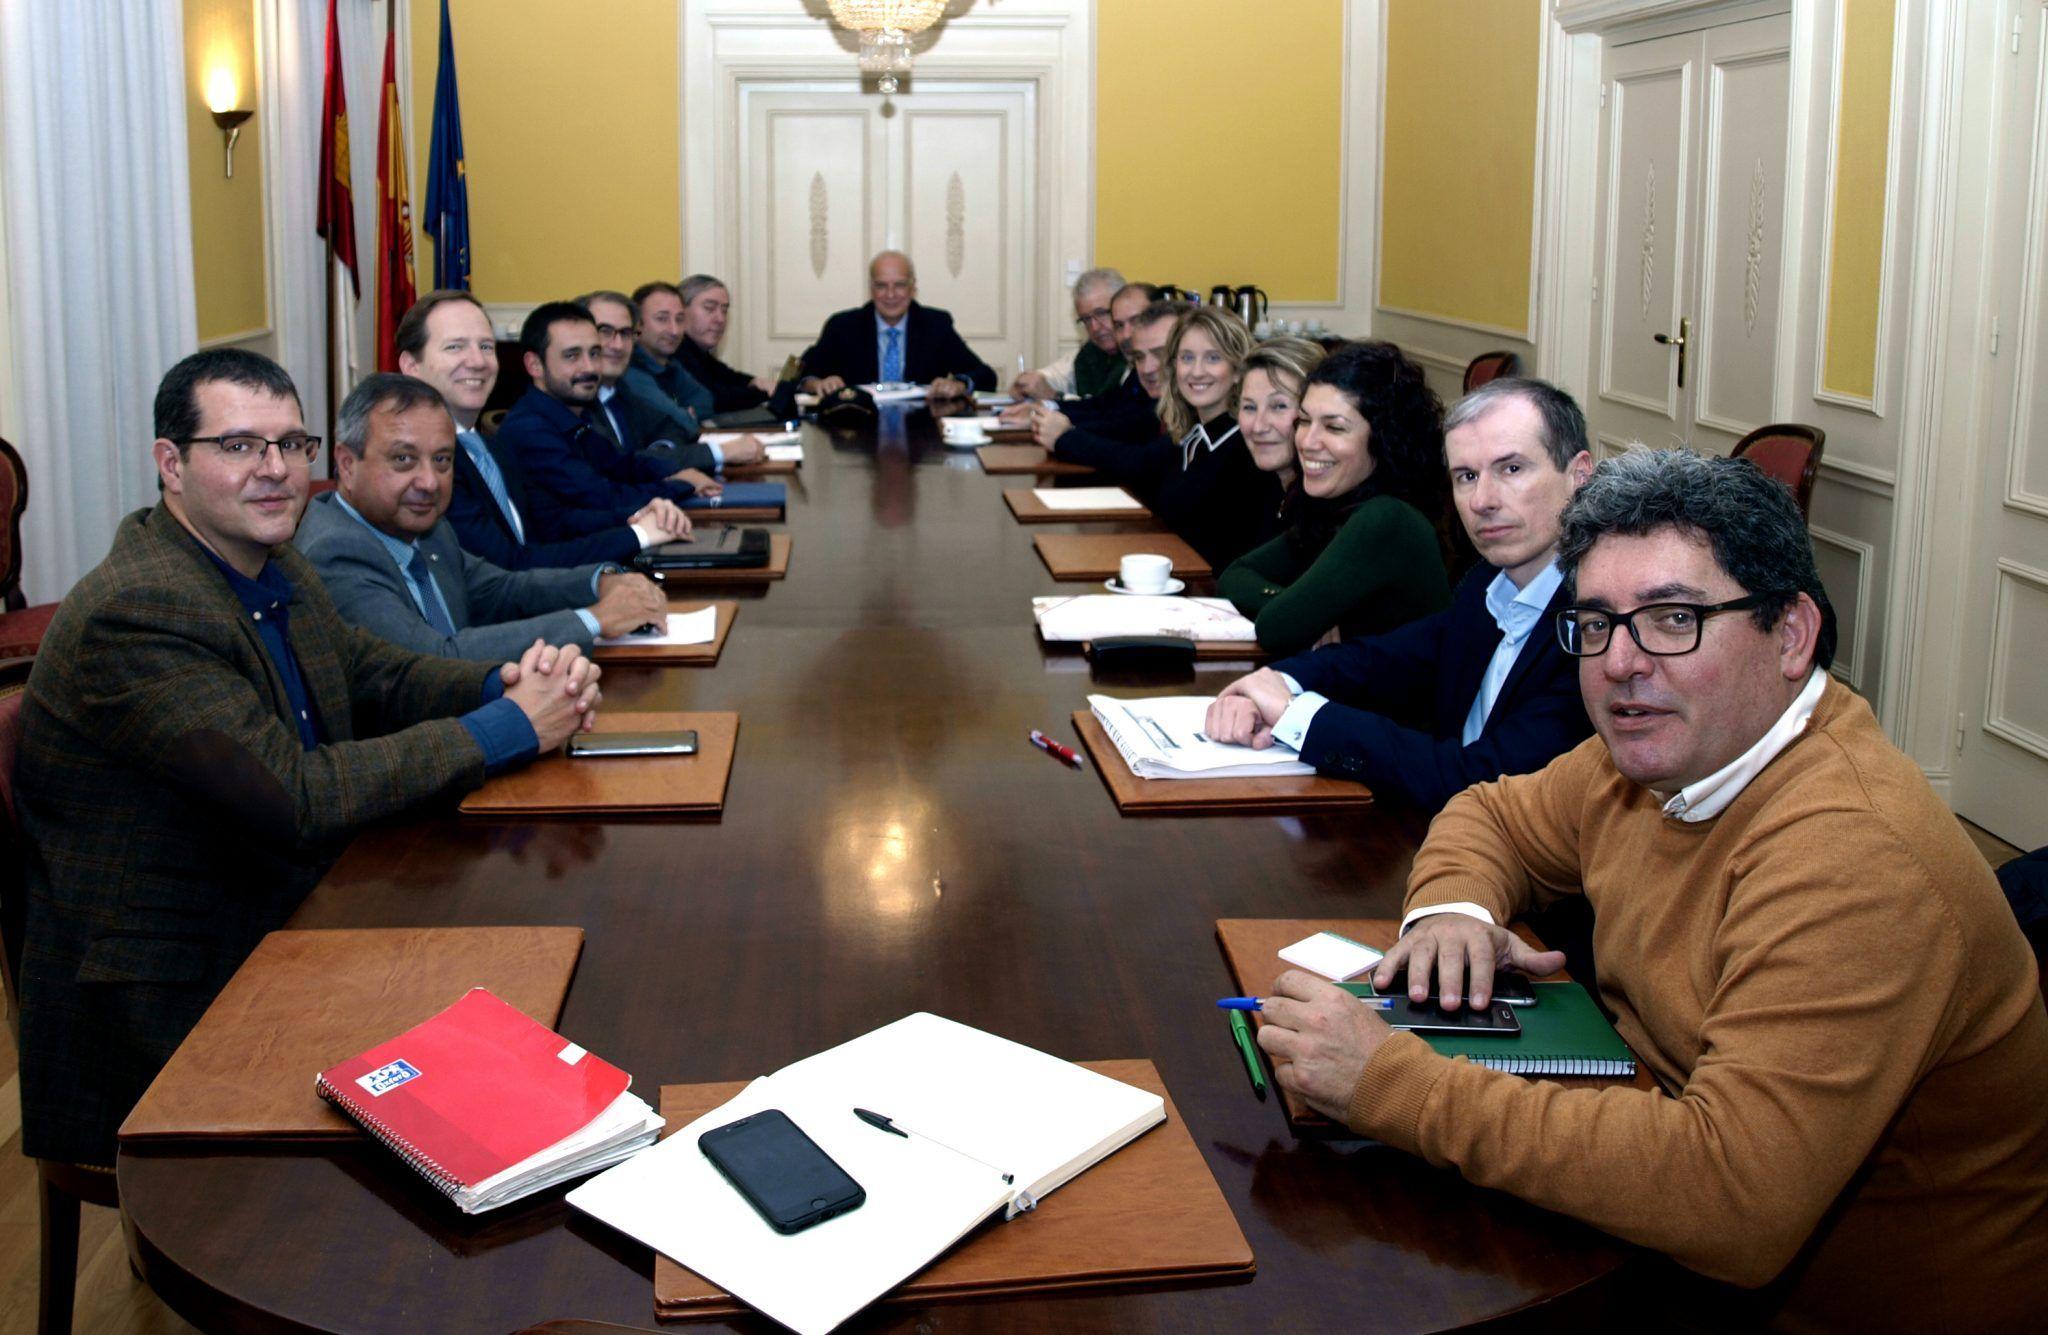 La Comisión de Asistencia al Subdelegado del Gobierno se reúne para hacer balance de la gestión de los organismos del Gobierno de España en Cuenca